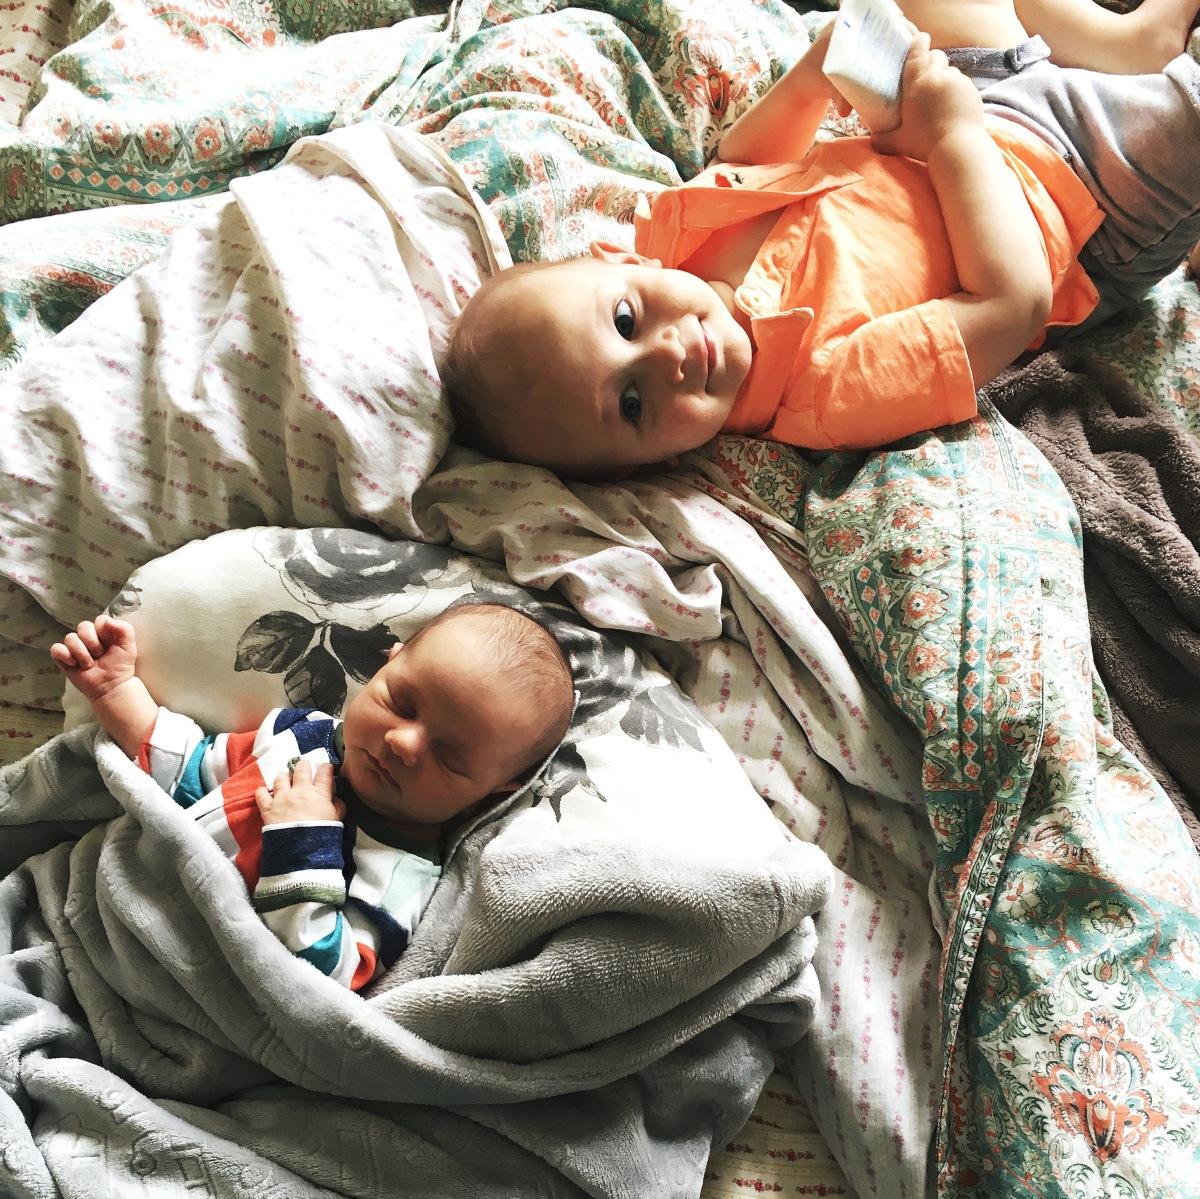 3 Weeks Postpartum and StillStanding